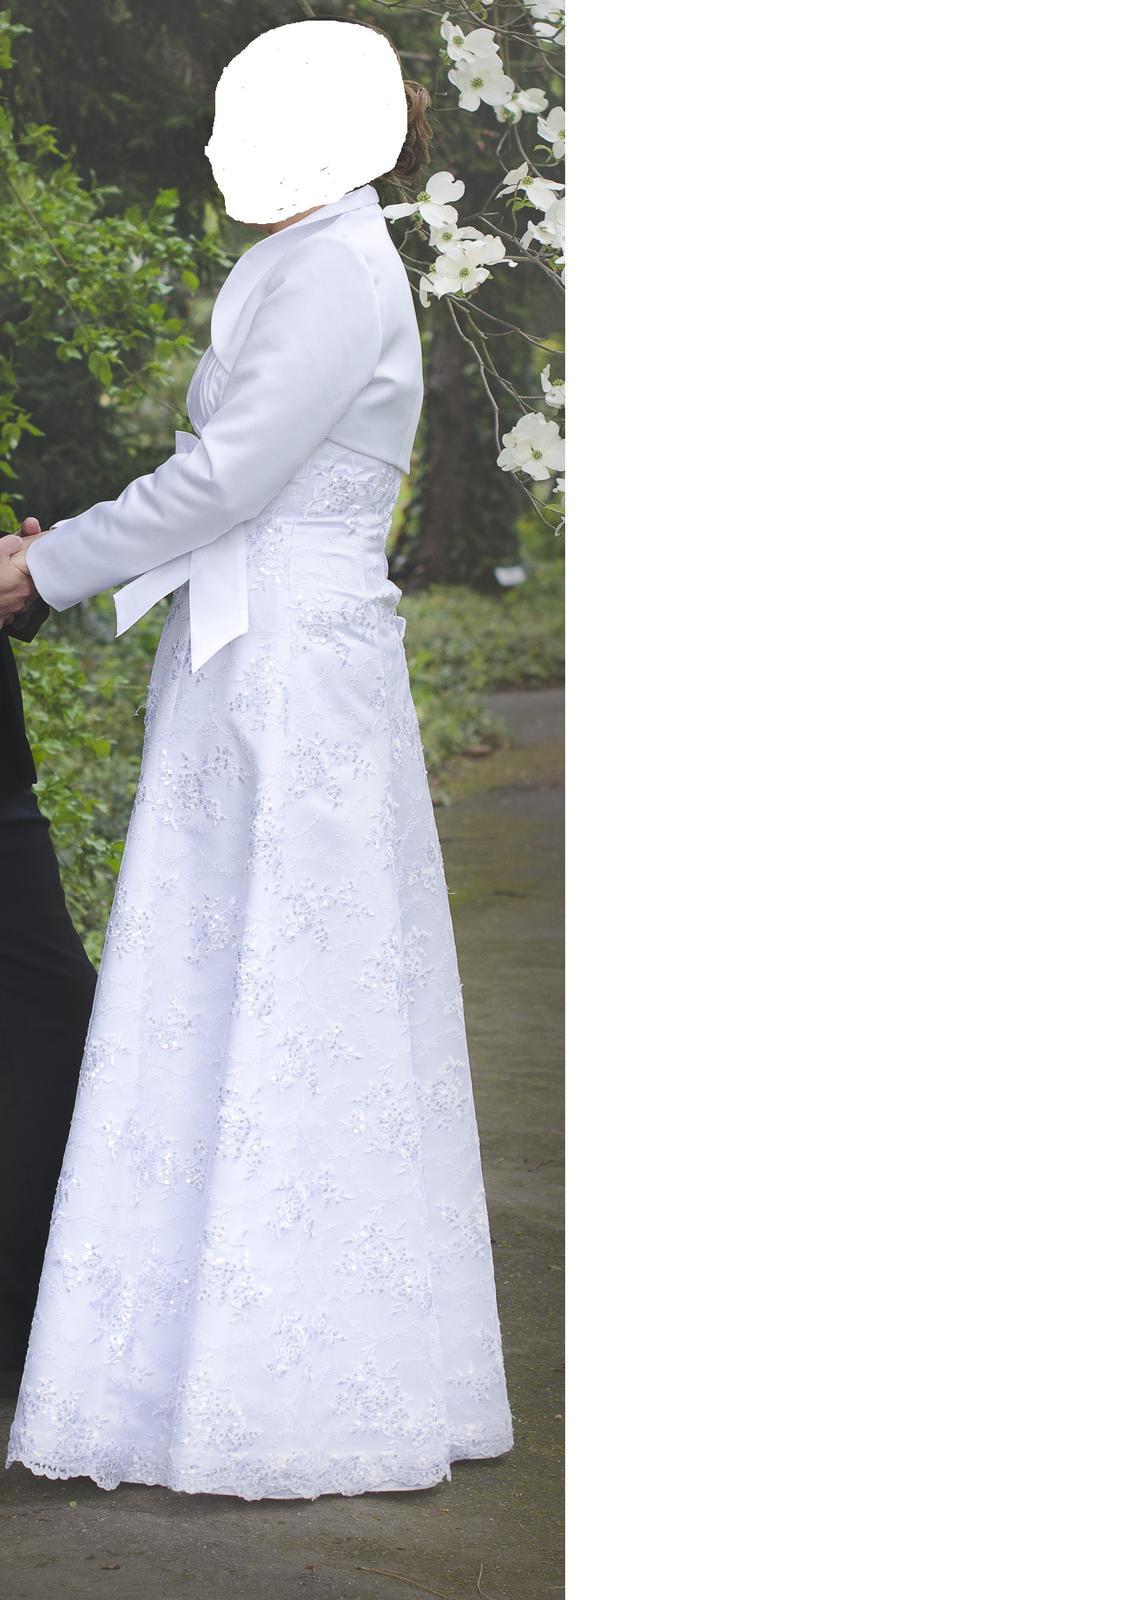 Svadobné šaty 38-40 - Obrázok č. 2